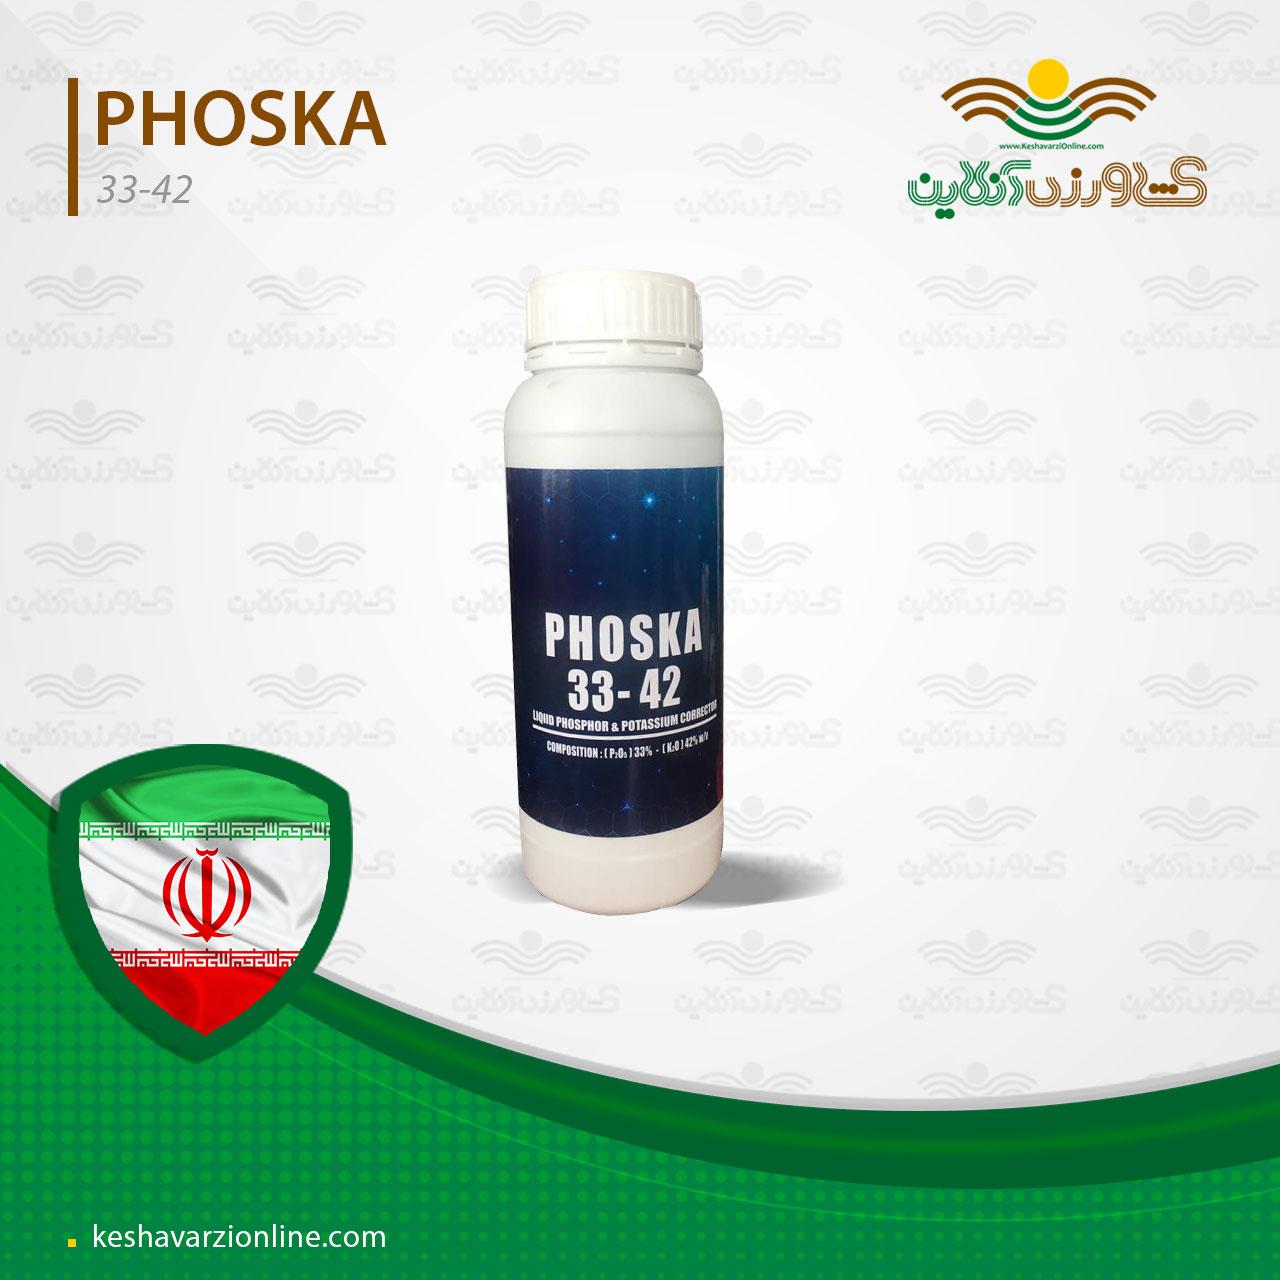 کود مایع فسفر و پتاس فوسکا 33.42